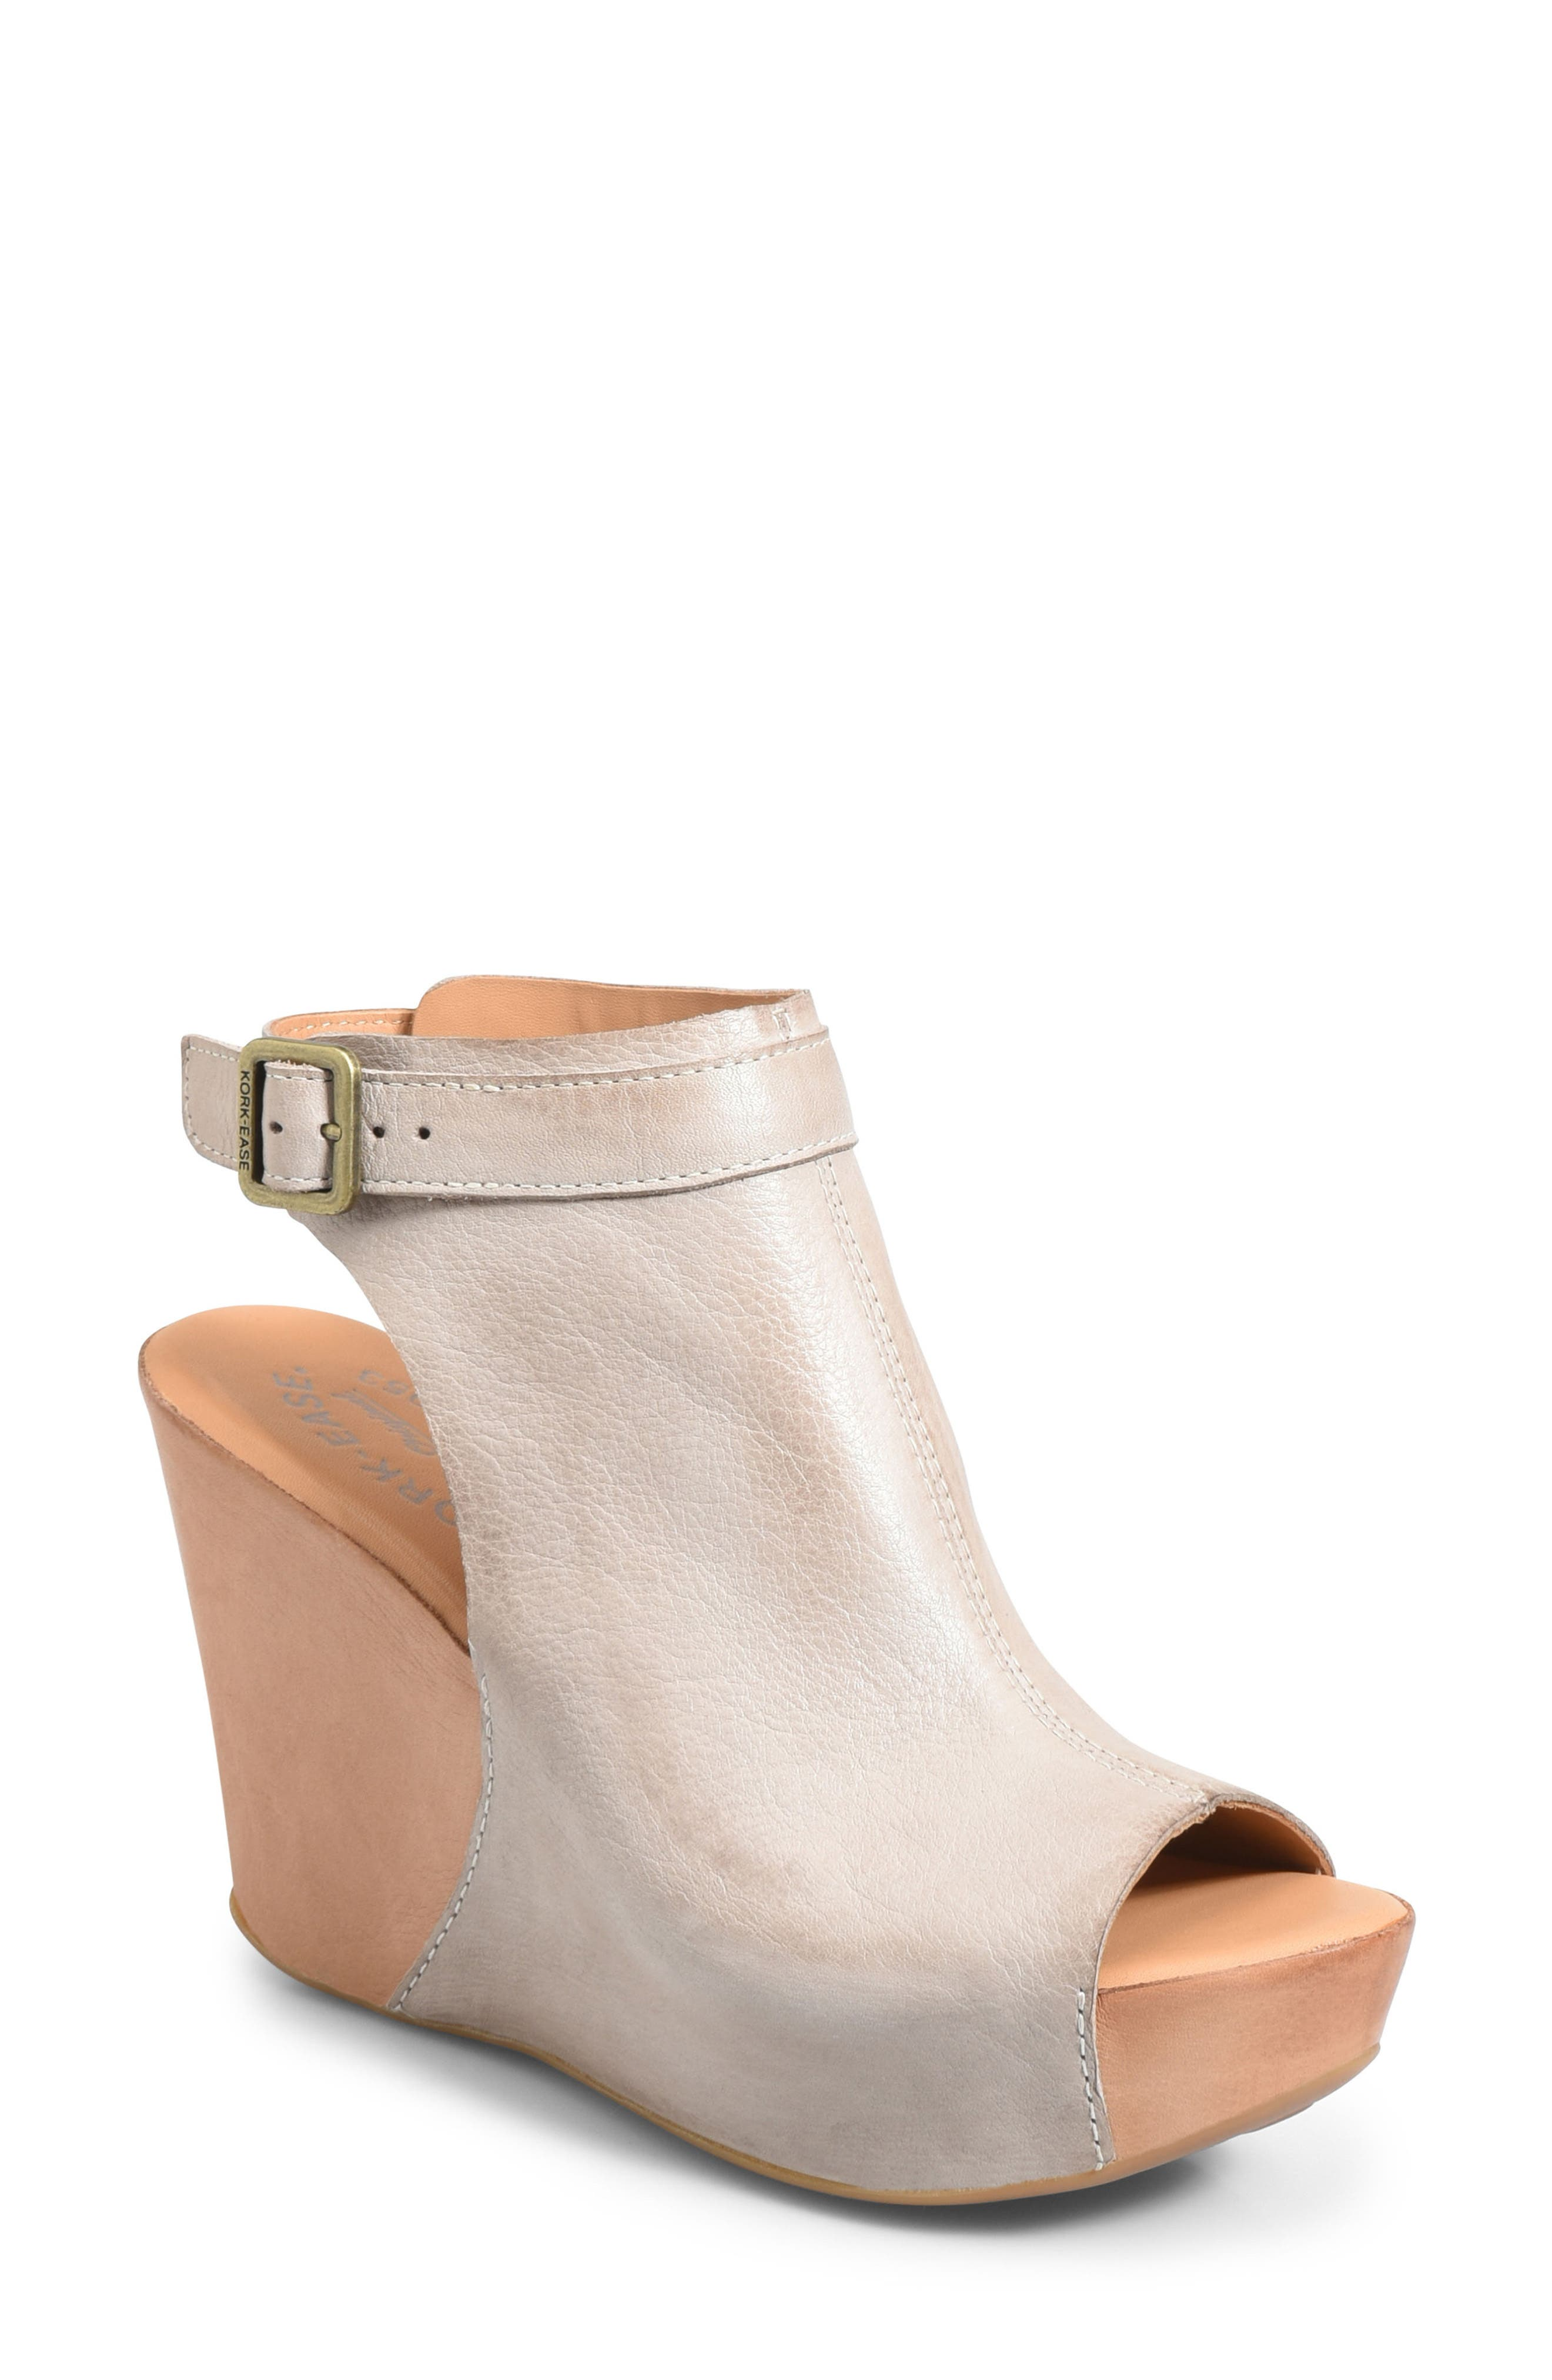 'Berit' Wedge Sandal,                             Main thumbnail 2, color,